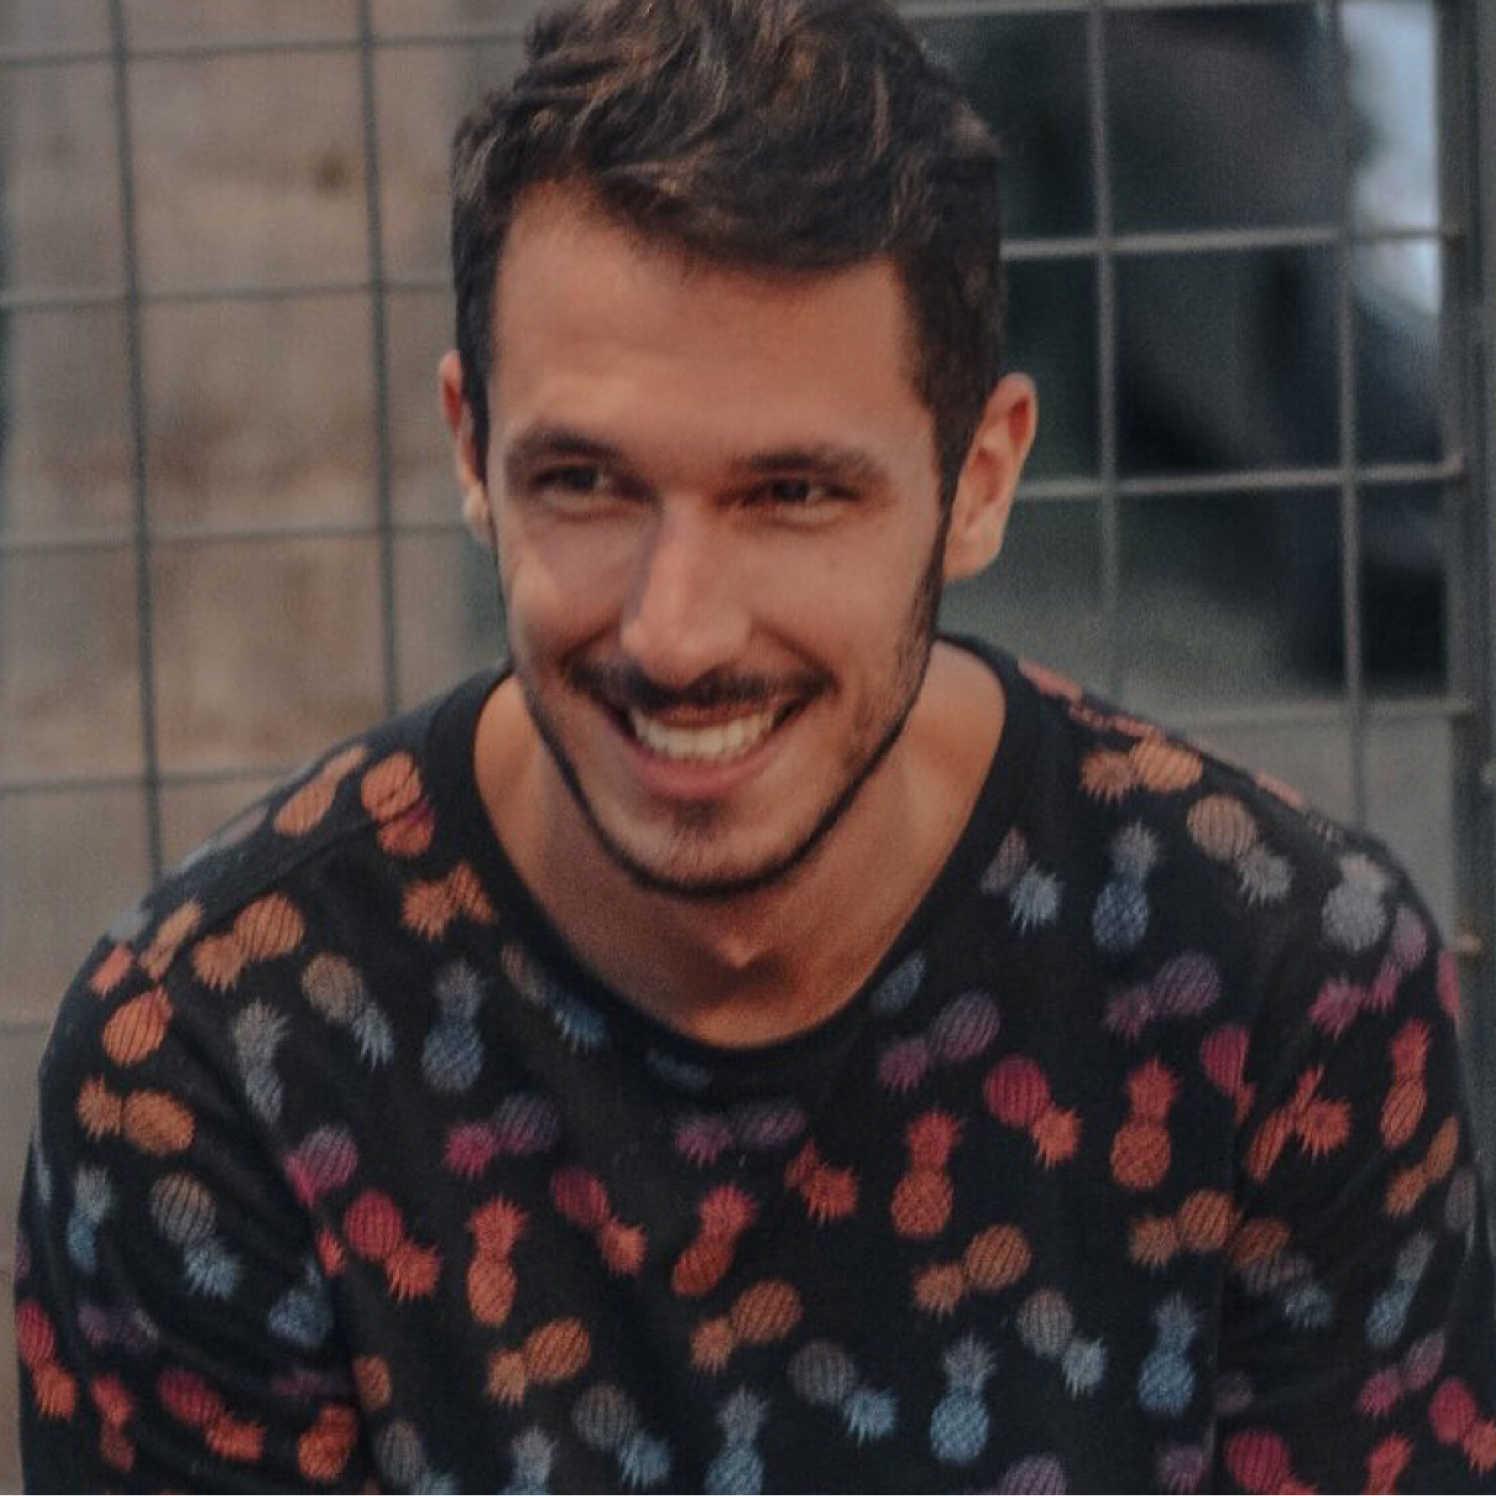 Luis Claudio Costantin